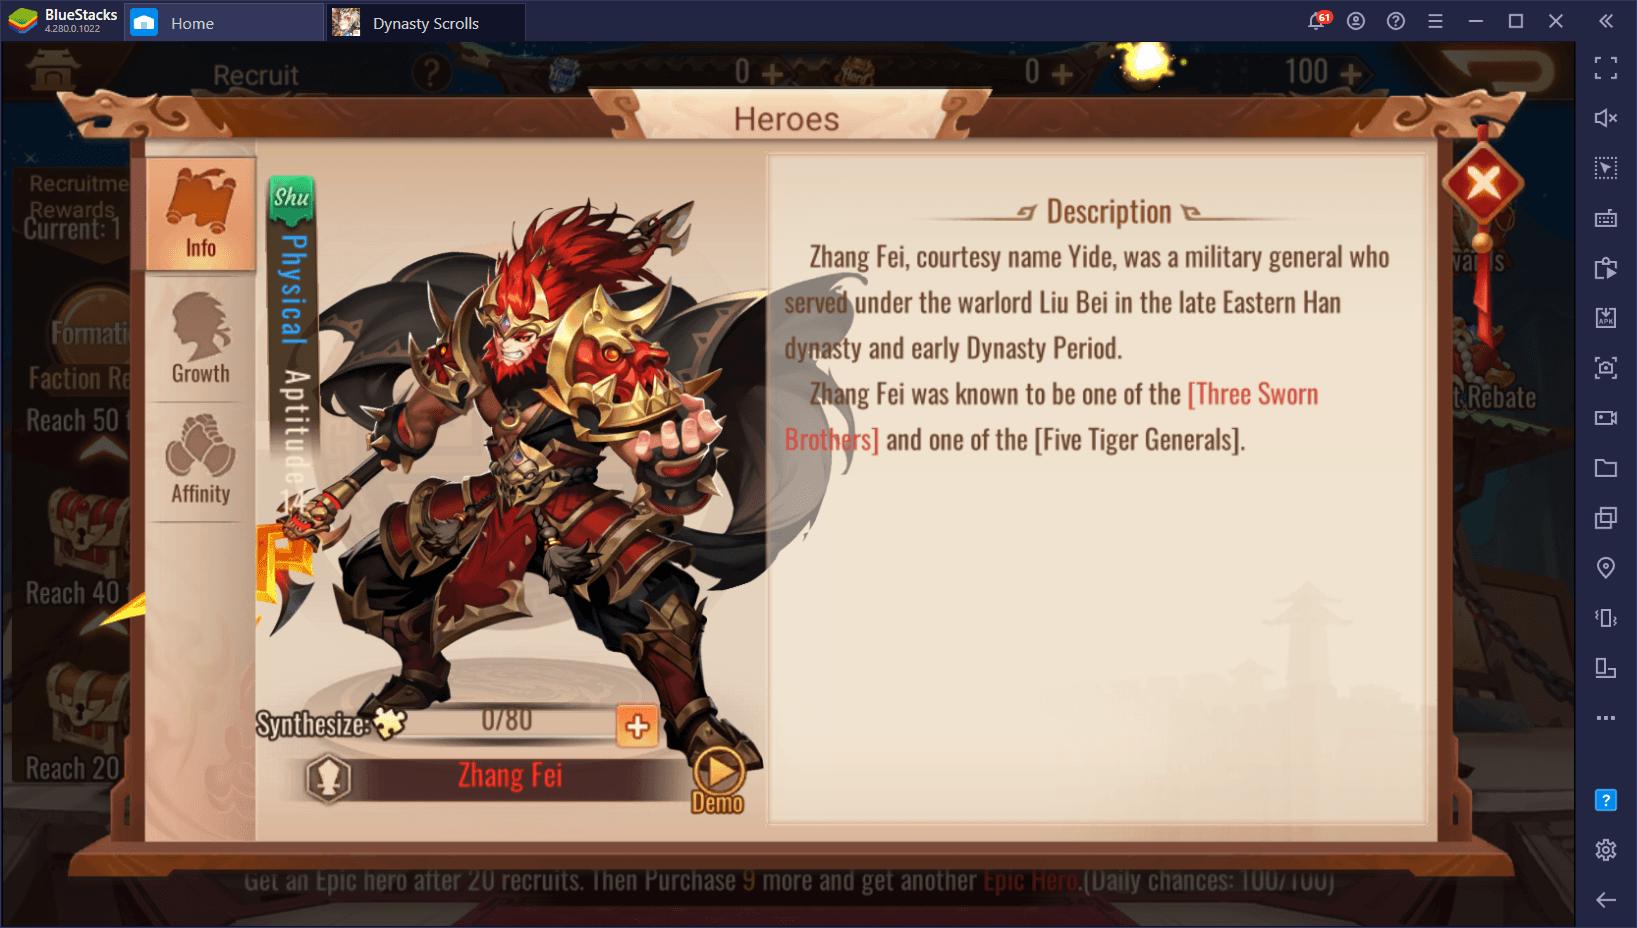 Les 5 Meilleurs Personnages dans Dynasty Scrolls